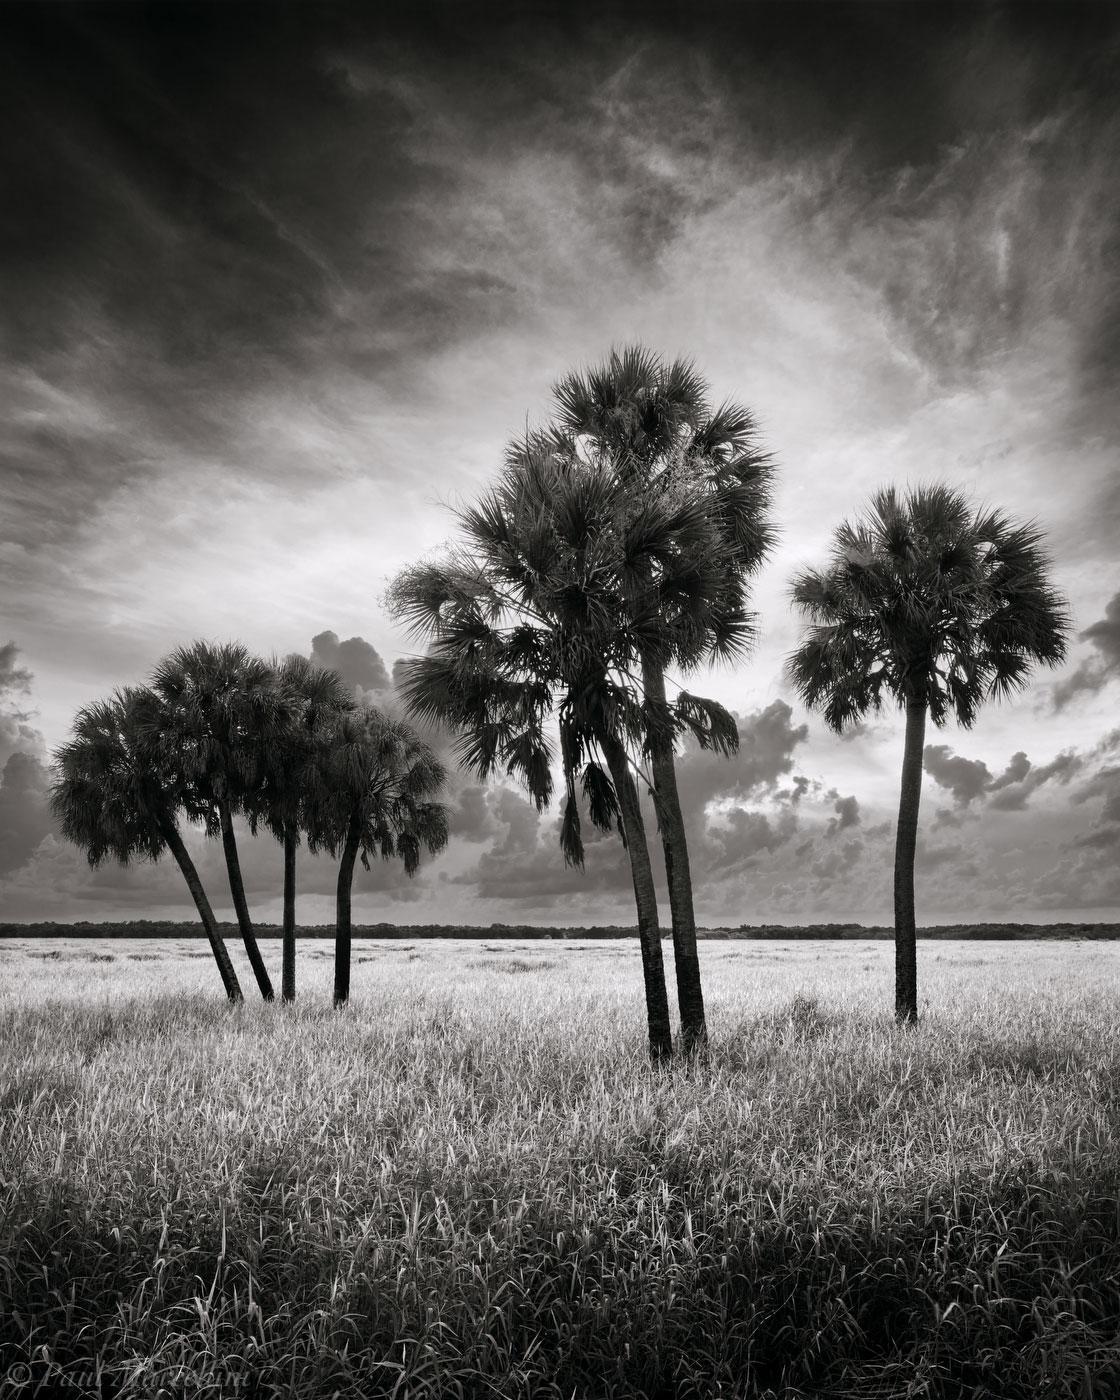 Myakka River State Park, Florida, sabal palms, south florida, nature, photography, photo